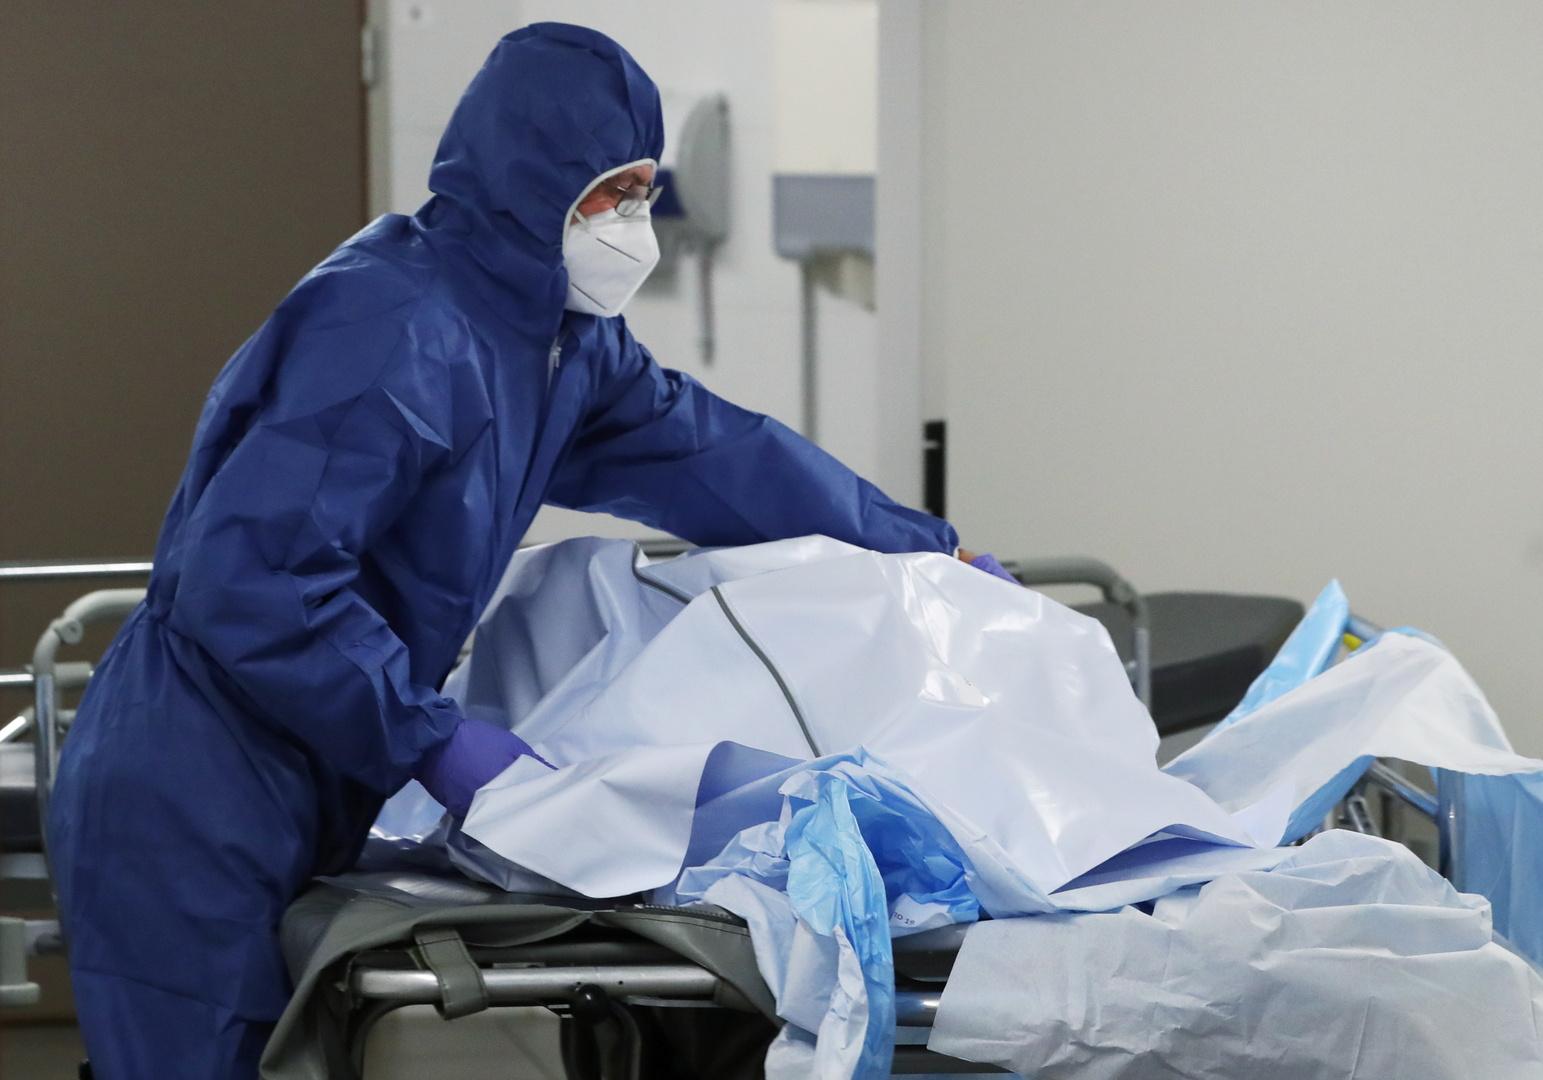 تفاصيل جديدة في قضية الجثث المتحللة بمشرحة الخرطوم